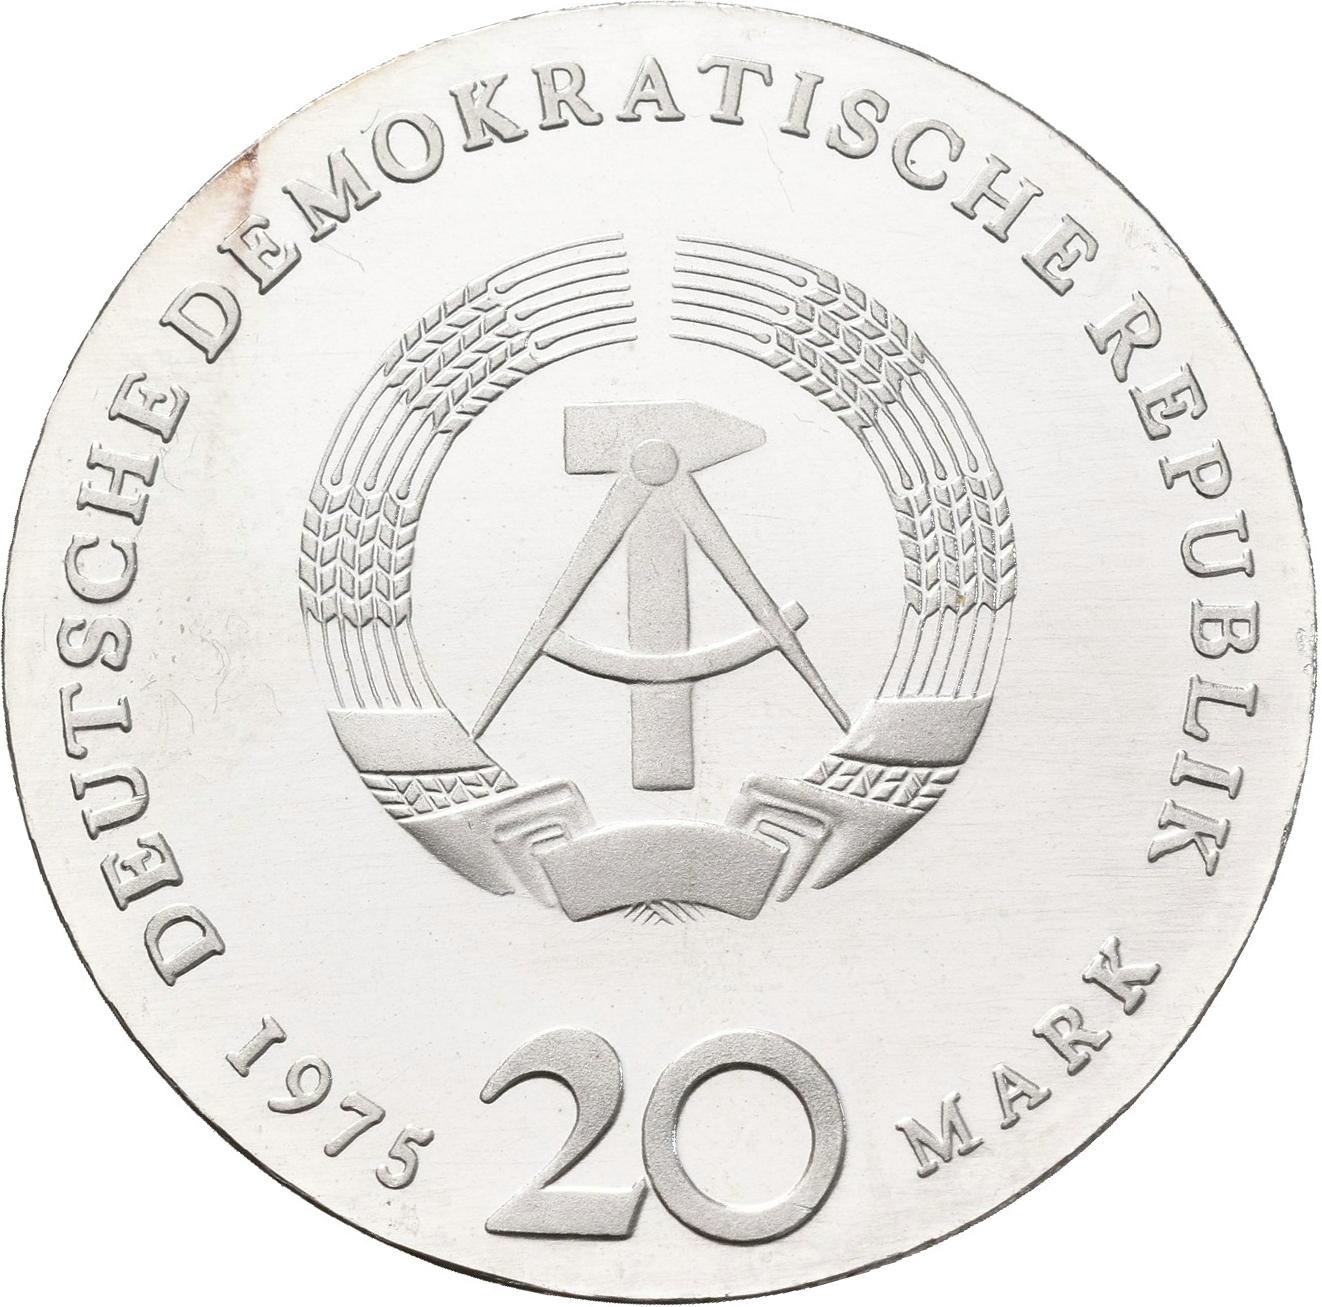 Lot 02331 - Proben & Verprägungen | Münzen  -  Auktionshaus Christoph Gärtner GmbH & Co. KG Sale #48 The Coins & The Picture Post Cards